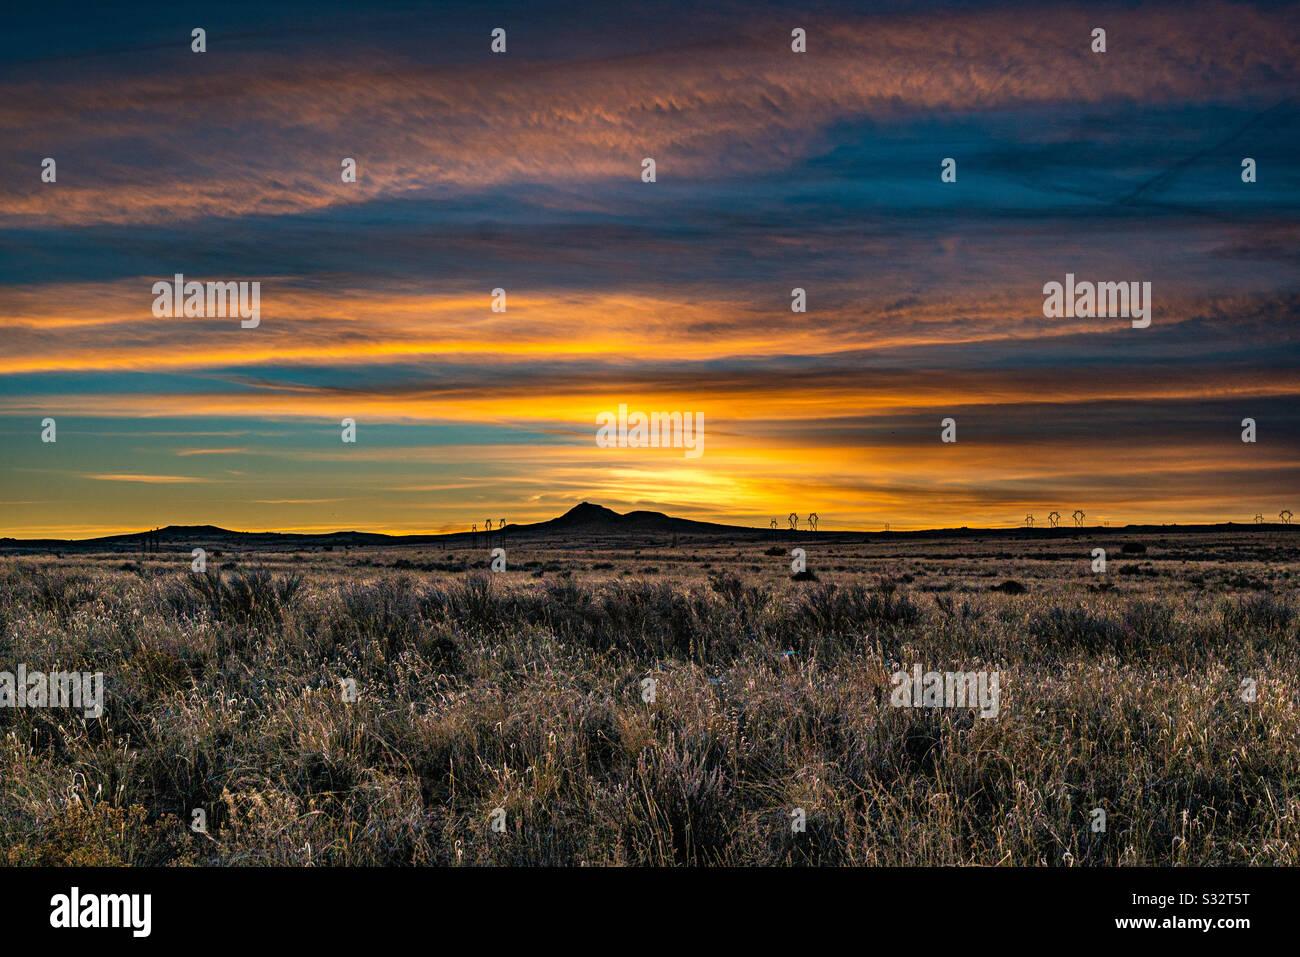 Vulkan Sonnenuntergang Stockfoto